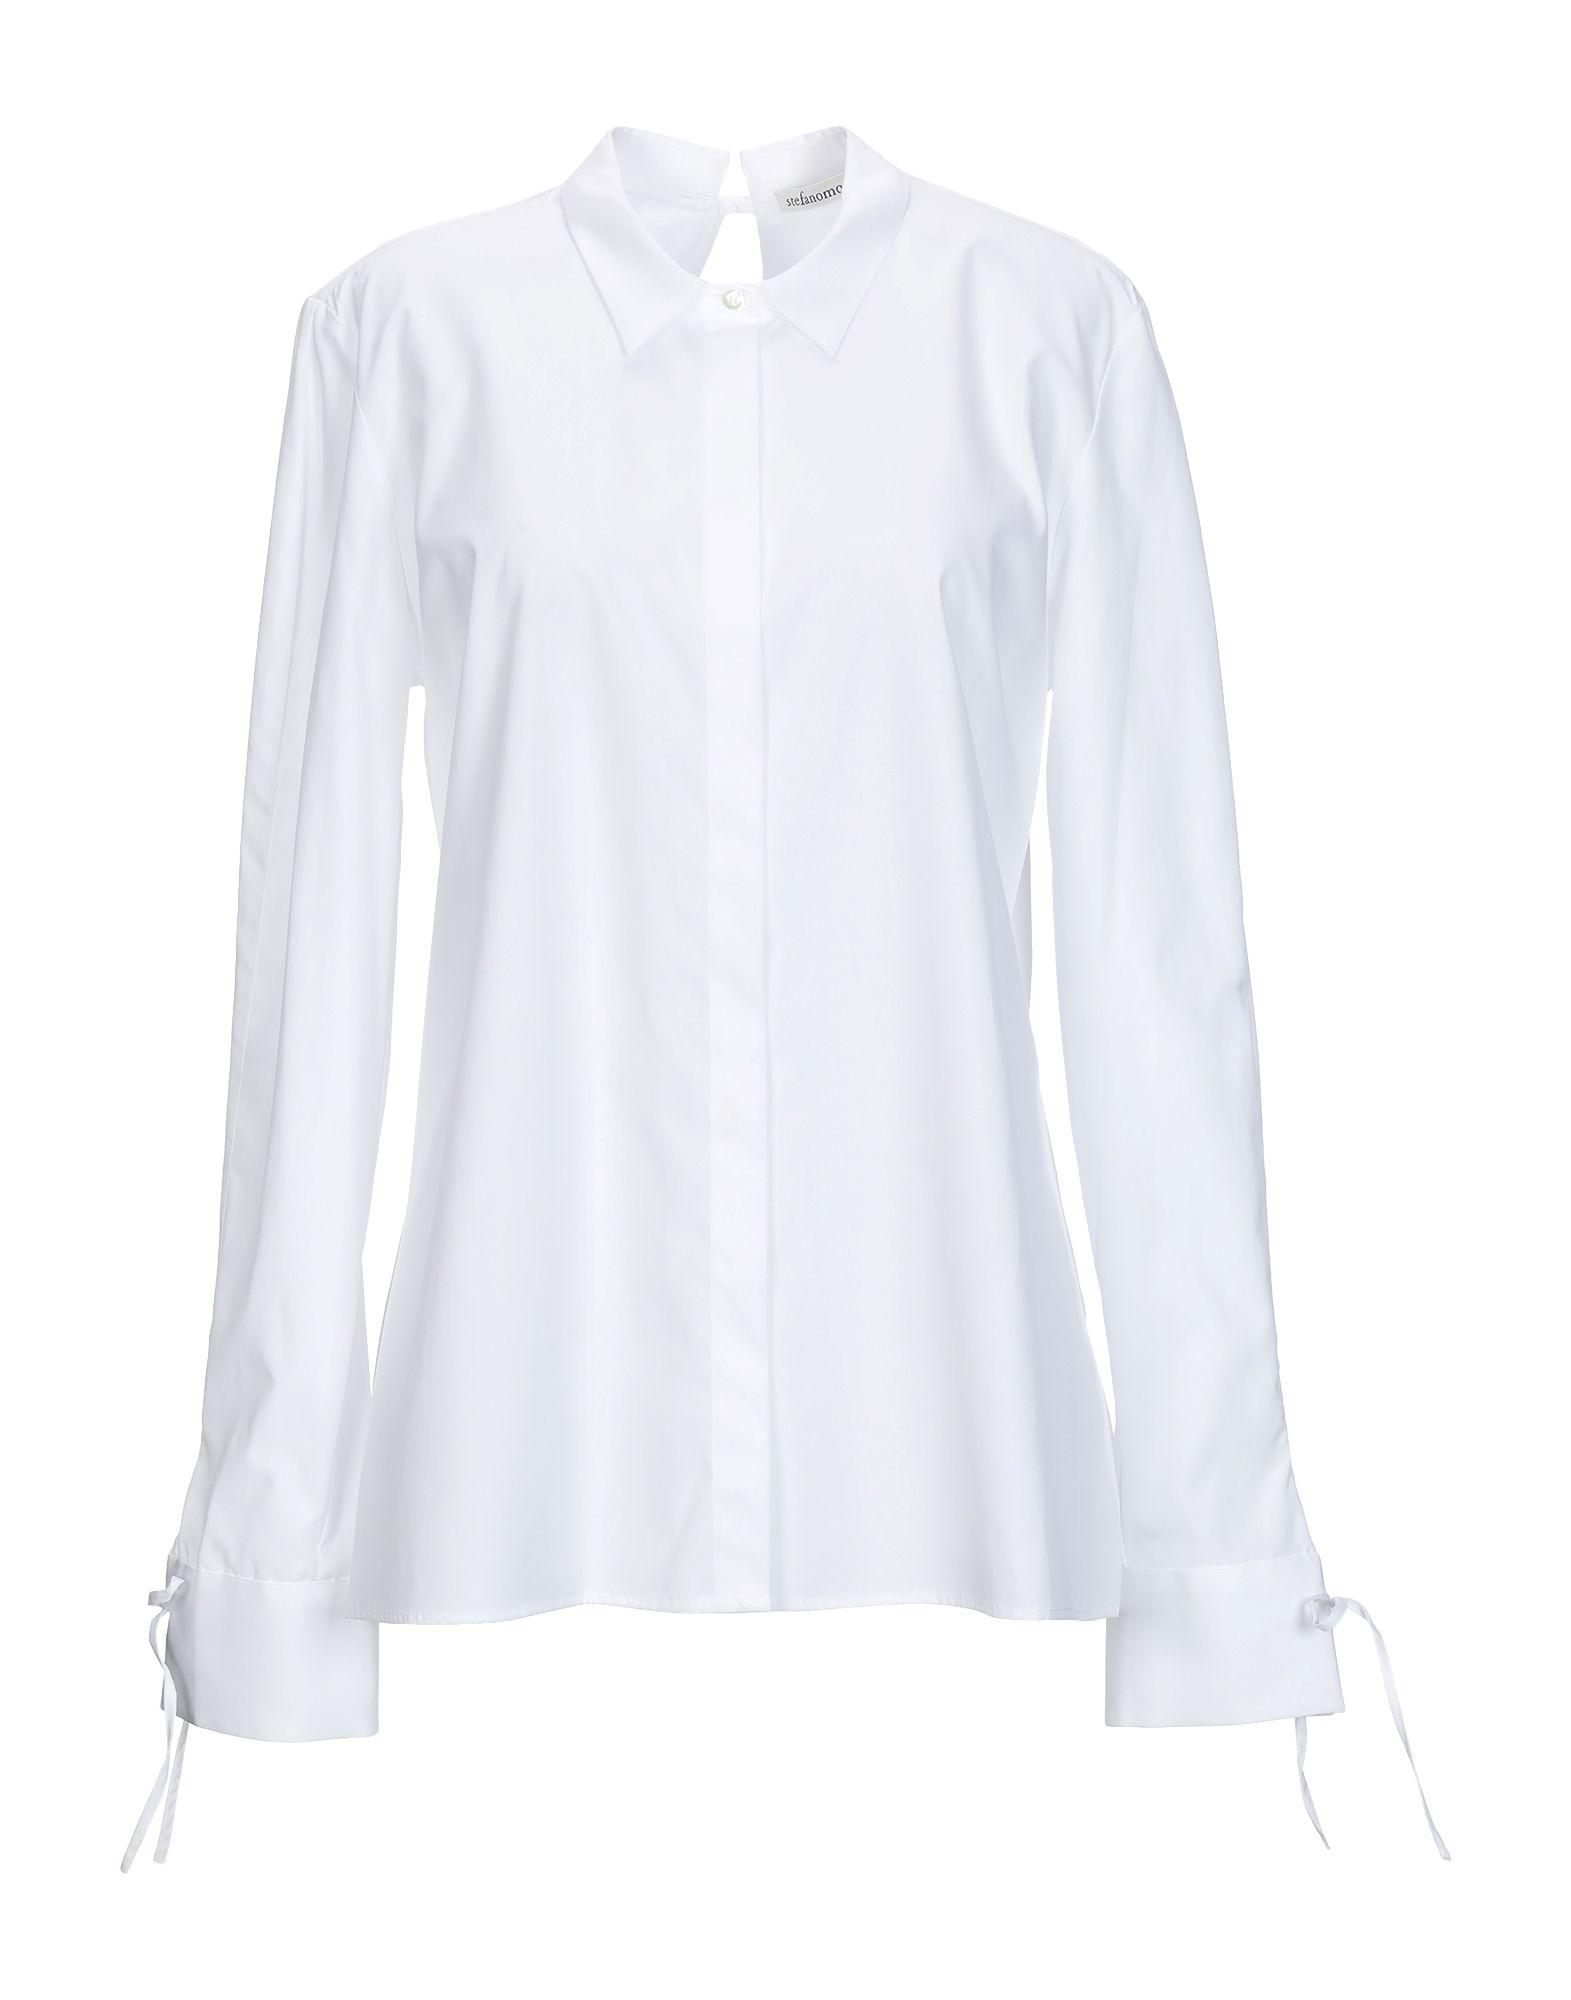 《送料無料》STEFANO MORTARI レディース シャツ ホワイト 44 コットン 100%